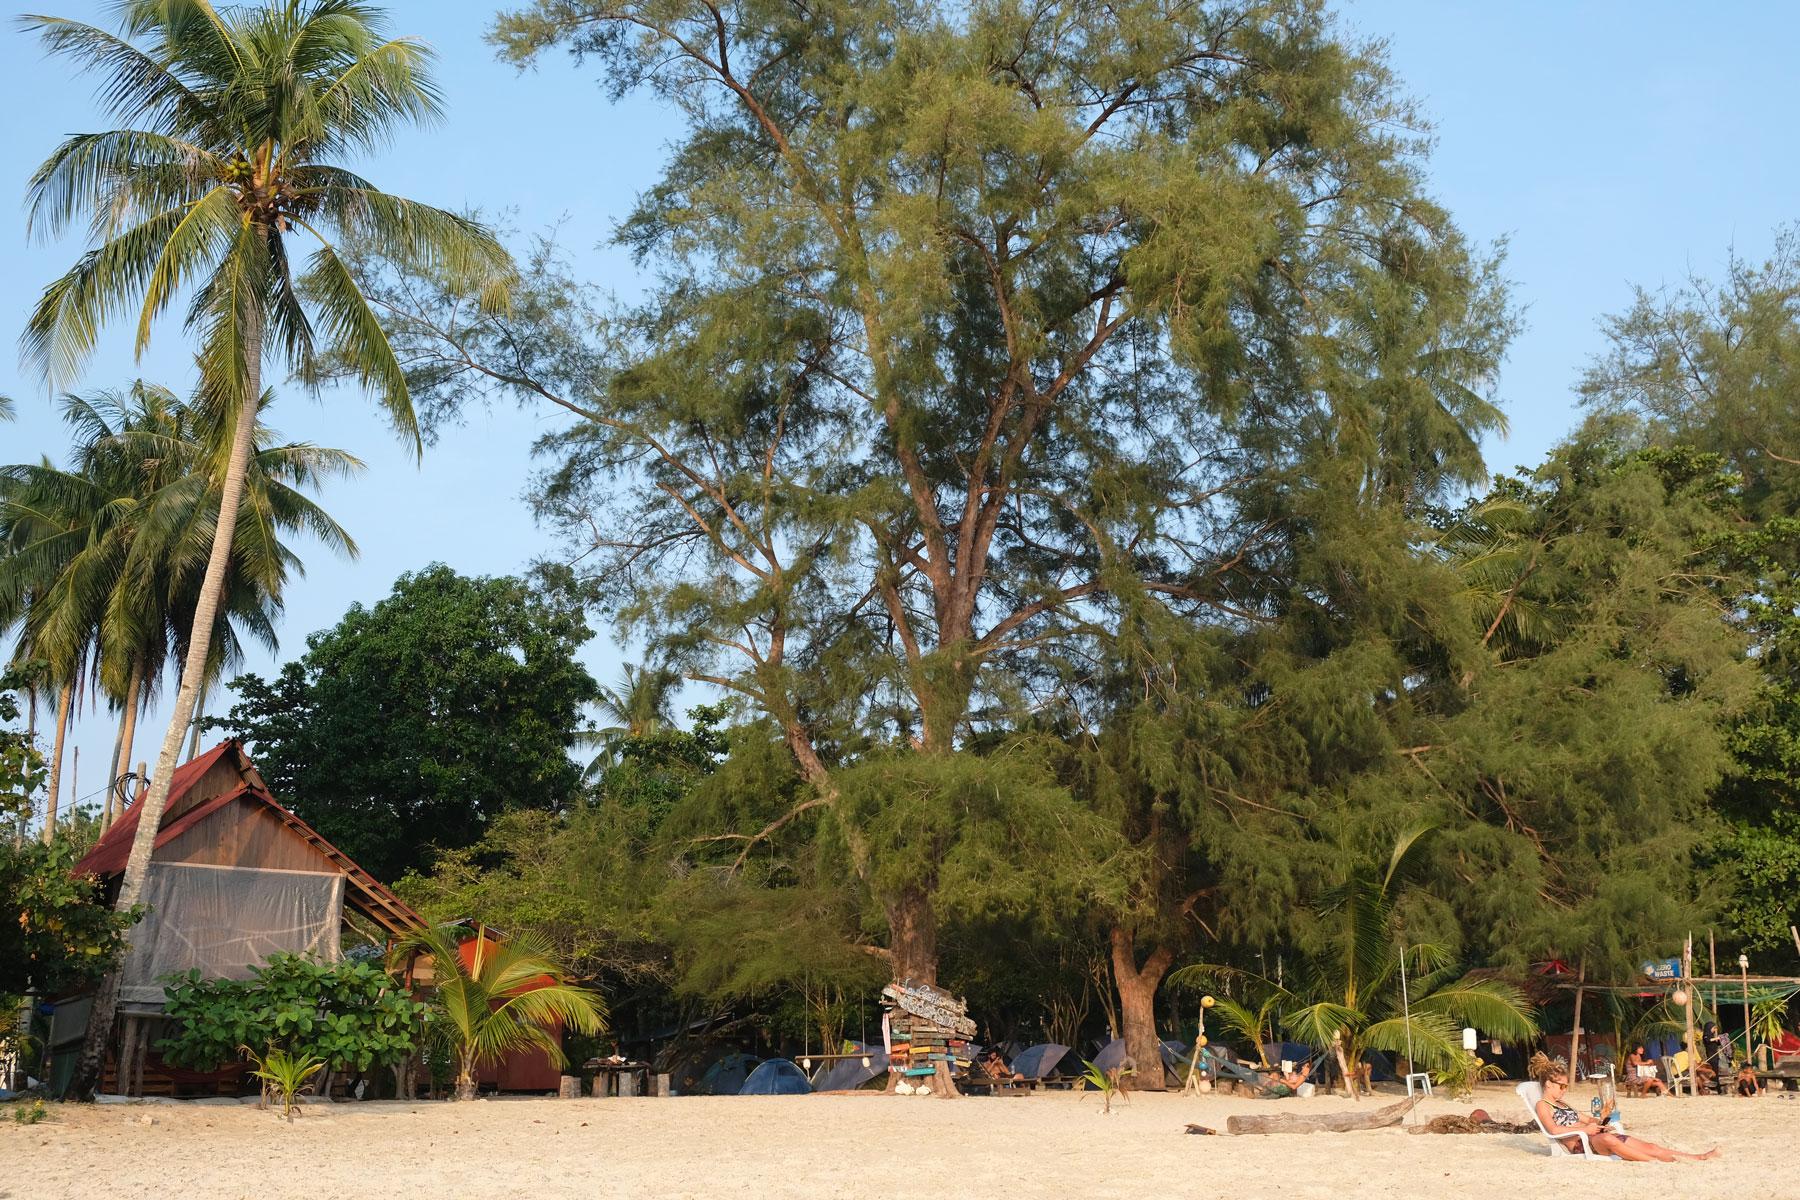 Der Campingplatz auf der Pulau Kapas ist von großen Bäumen versteckt